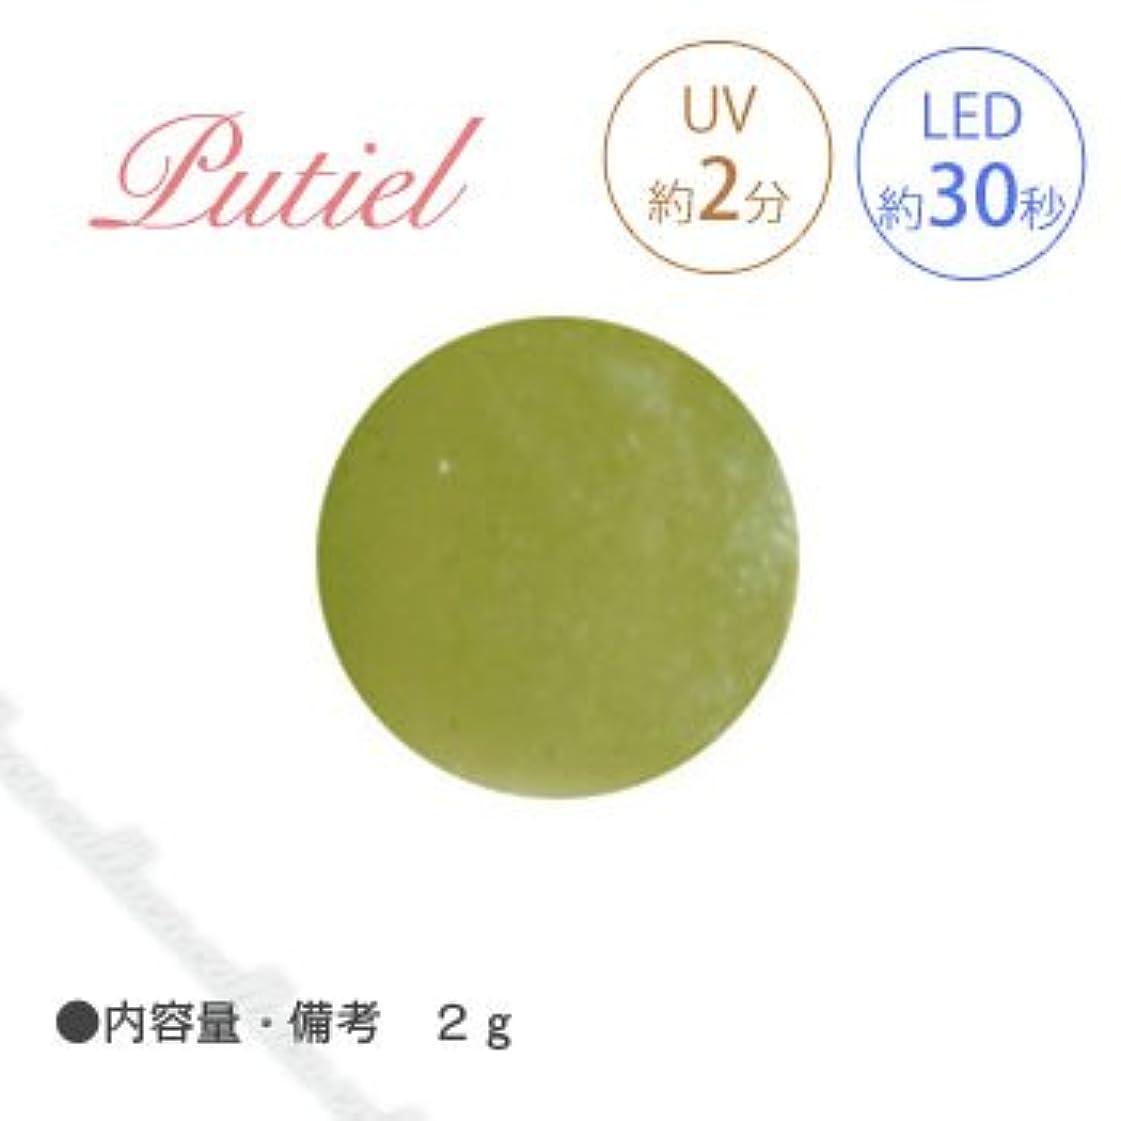 効果滴下具体的にPutiel プティール カラージェル 506 リーフ 2g